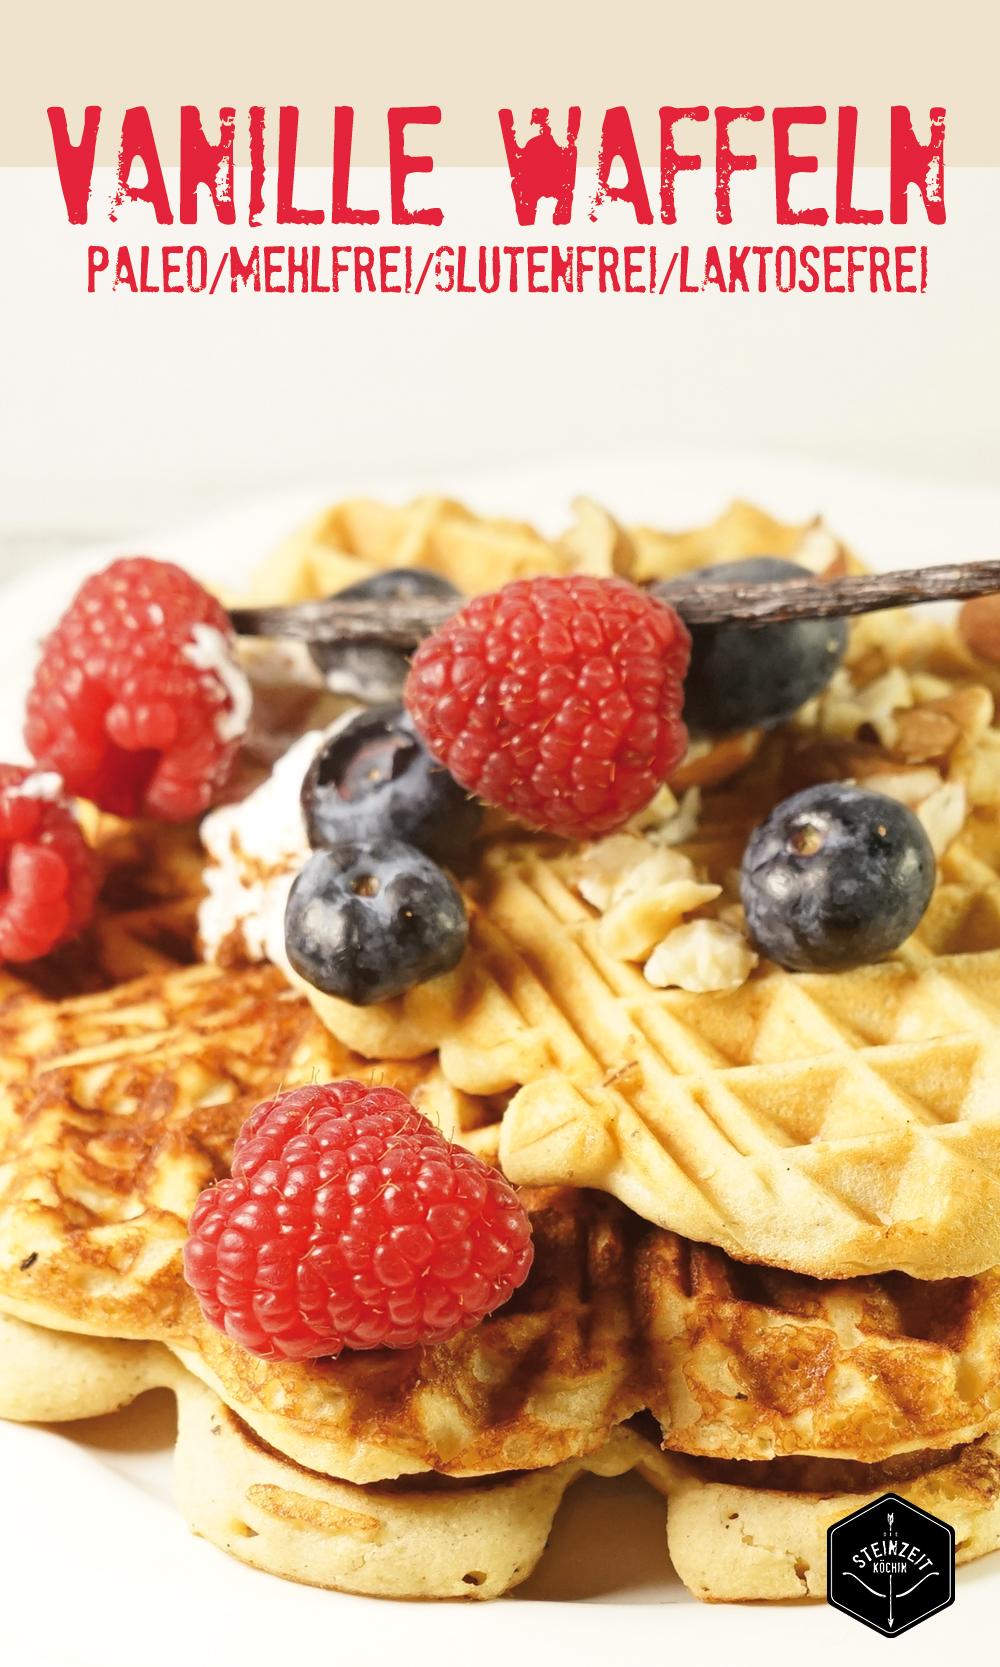 Paleo-Vanille Waffeln, kohlenhydratarm, ballastoffreich und basisch, eine gesunde Frühstücksidee für den Sonntag, ideal zum Abnehmen ohne Mehl und ohne Getreide.